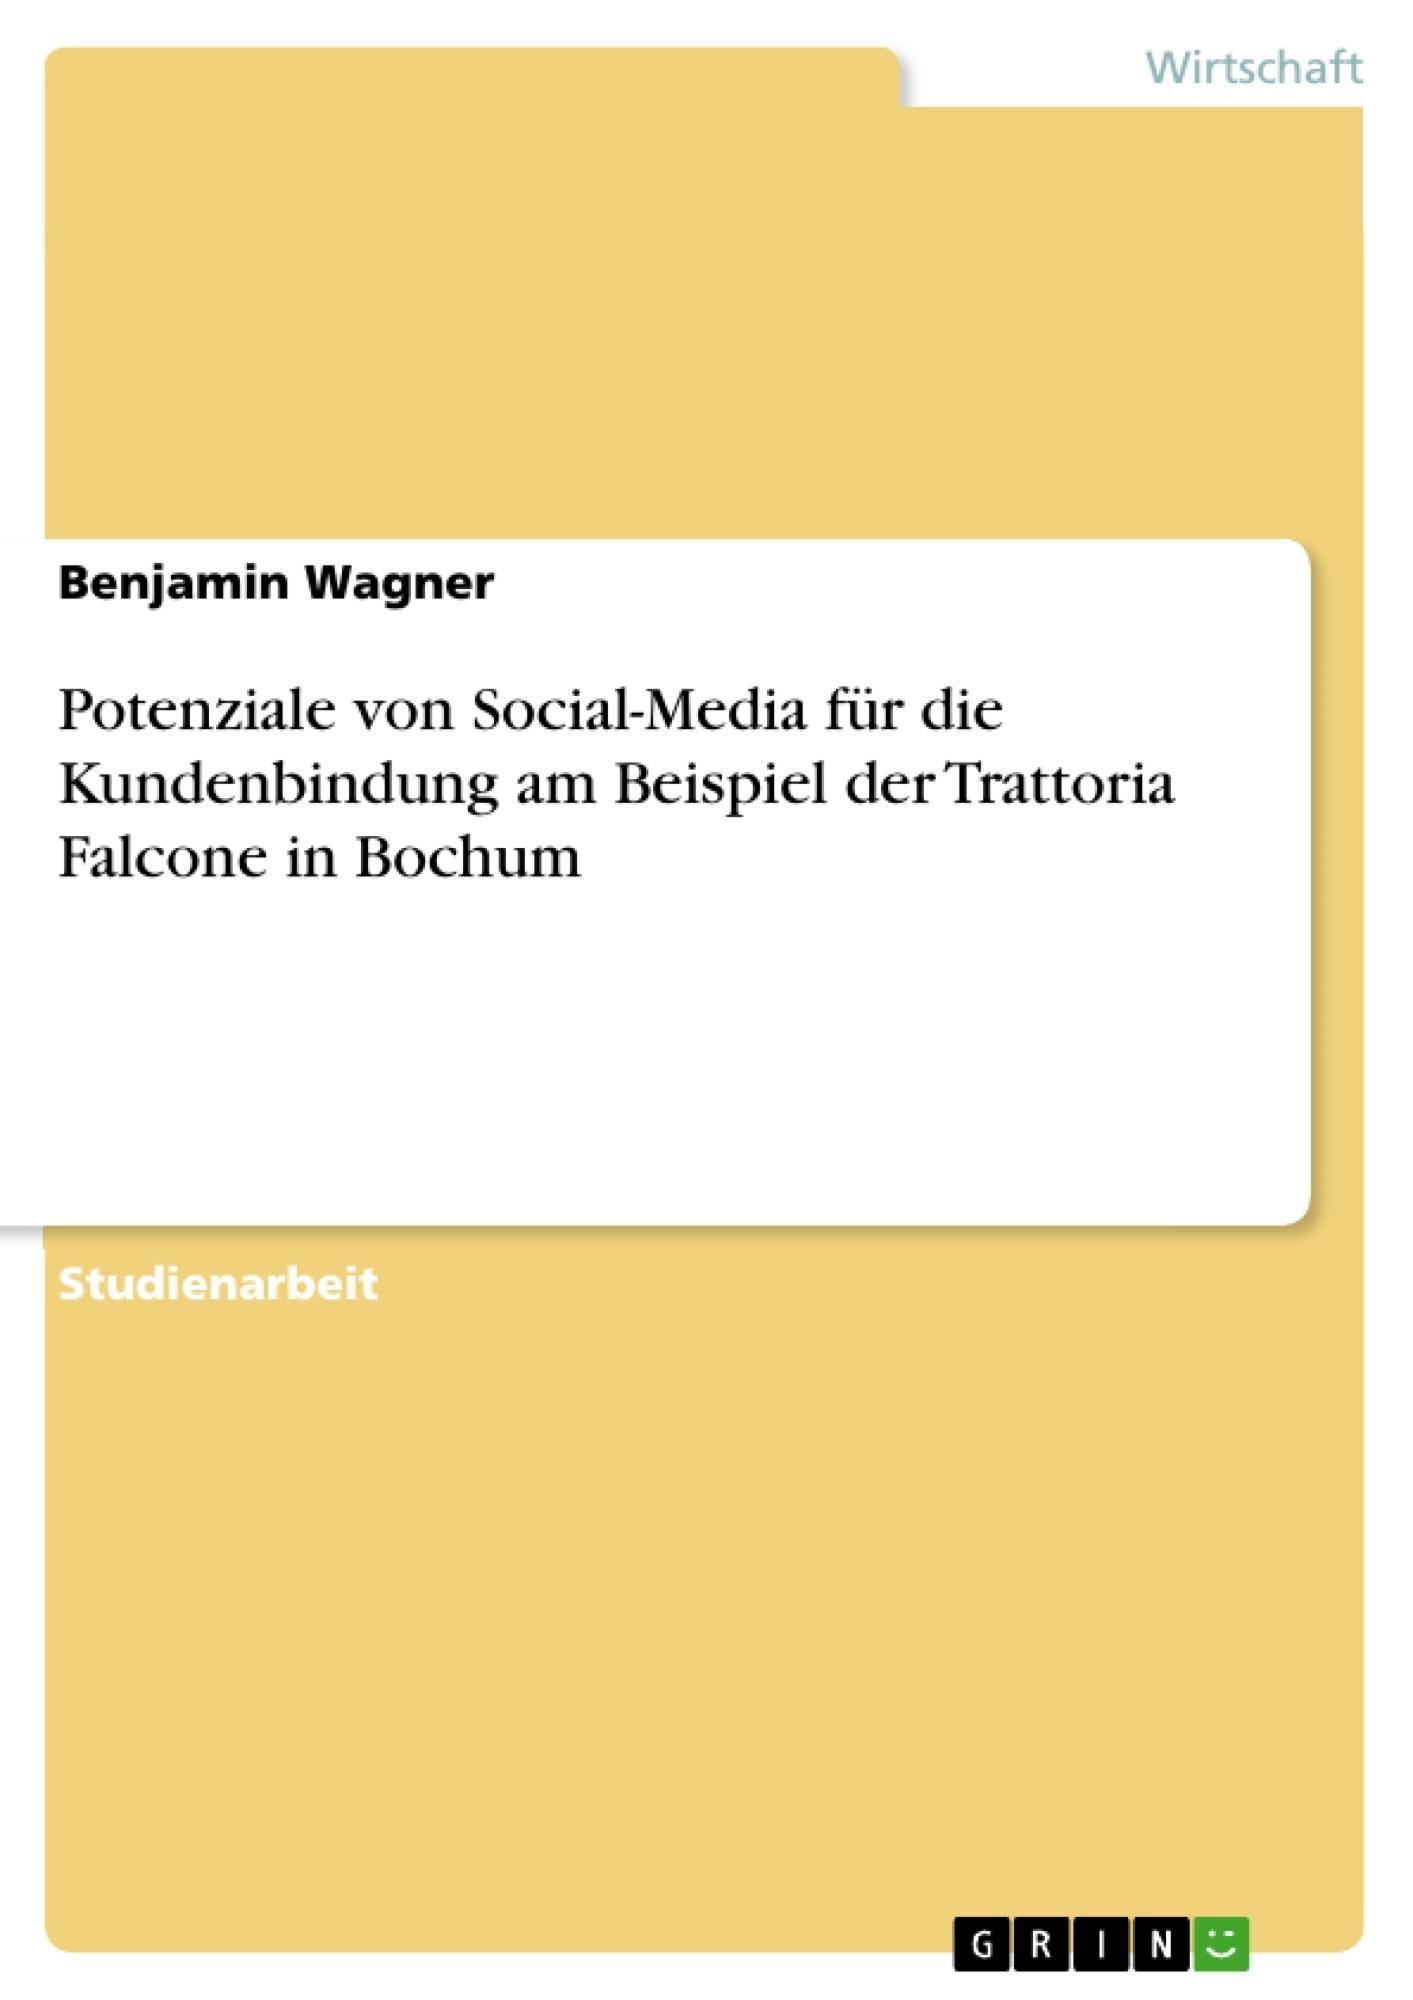 Titel: Potenziale von Social-Media für die Kundenbindung am Beispiel der Trattoria Falcone in Bochum